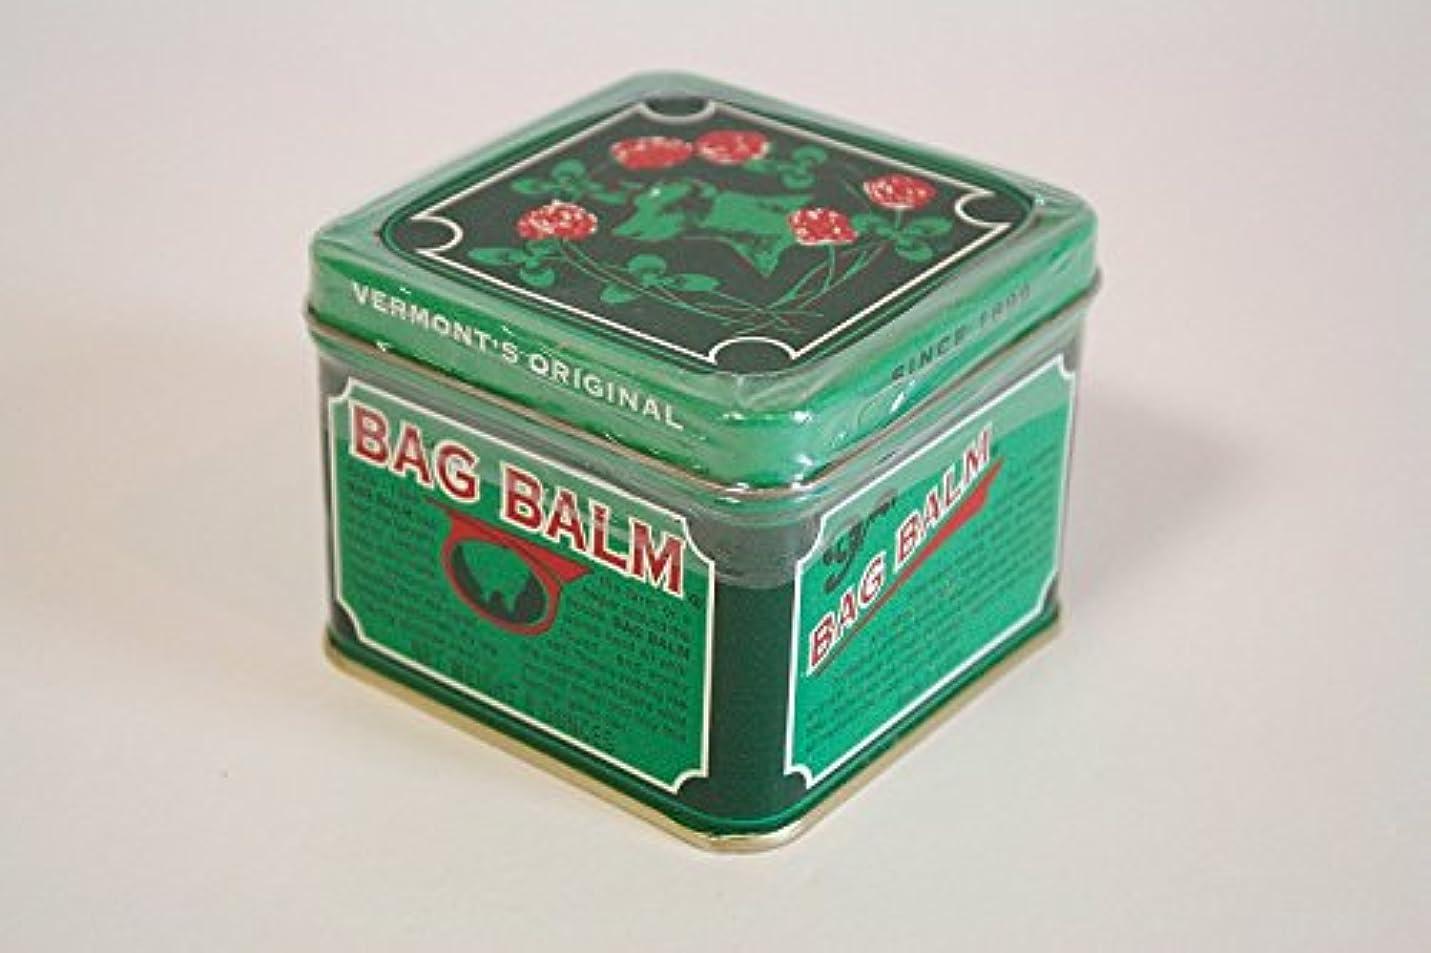 アーカイブ真珠のようなエピソードBag Balm バッグバーム 8oz 保湿クリーム Vermont's Original バーモントオリジナル[並行輸入品]